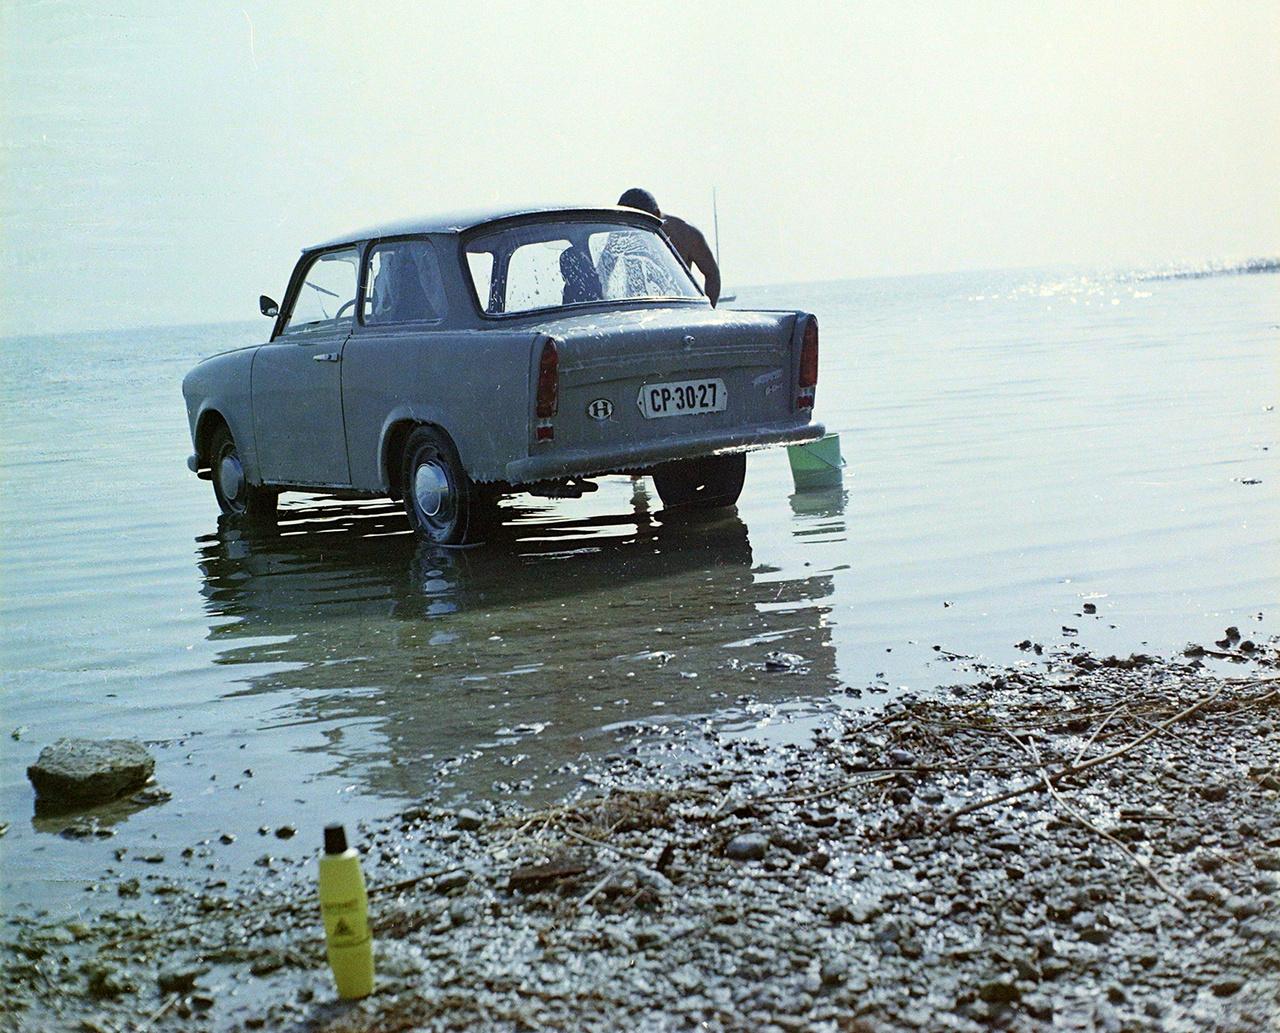 KÉP: A Balatonban fürdetik a Trabant 601 típusú személygépkocsit, 1971.Ekkoriban főként Trabantra, Wartburgra, Moszkvicsra volt kilátásuk az autóra vágyóknak. Nagyon népszerűnek számított az 1963-tól gyártott Trabant 601, amelyből az évtizedek során igazi kultautó, afféle szimbólum lett, ma is imádott veterán. Fém vázszerkezetének borítását duroplast műanyagból gyártották, kéthengeres motorja kétütemű volt. A hatvanas évek második felében egy 601 Limousine 46 ezer forintba került, míg az Universalért 50 ezret kértek el. A kétezres években aztán a kétütemű autók kezdtek egyre inkább nem kívánatossá válni, többször belengették, hogy a környezetvédelmi felülvizsgálat feltételeit alaposan megszigorítják számukra. Míg a haladékot újra és újra megtoldották, közben a kétütemű kocsik szinte teljesen kikoptak a napi forgalomból, néhány kivétellel főleg hobbiautóként tartják őket.A technikai fejlődés mellett a környezetvédelmi előírások fokozatos szigorítása a másik oka az egyre tisztább üzemű autók terjedésének. Ma már az autógyárak a vásárlói igényeket figyelembe véve fontosnak tartják, hogy forgalomba hozzanak a hagyományos benzinesnél és dízelnél tisztább üzemű modelleket is. Az új és alternatív technológiák használata egyszerre van jelen gyártói és fogyasztói oldalon is. Az elmúlt évtizedek során különböző éghajlatváltozási jelenségek miatt az emberiség változtatni kényszerült a hétköznapi dolgokhoz való hozzáállásán. Pár éve még ritkaság volt a zöld rendszámú autó az utakon, ma már ez teljesen megszokott. A kipufogógáz és a kibocsájtott füst ezzel mérséklődött, de az ember nem csak a volán mögött ülve, a gázpedált nyomva tud füstöt kibocsátani, hanem például a dohányzás során is. Autóeladásnál előny a nemdohányzó tulajdonos, hisz akkor azt feltételezheti a vevő, hogy a dohányzás során keletkező füst nem került az autókárpit szöveteibe, hiszen a füst nemcsak büdös, hanem az egészségre káros is.Az Amerikai Egyesült Államok Élelmiszerengedélyeztetési Hivatalának (FDA) kuta